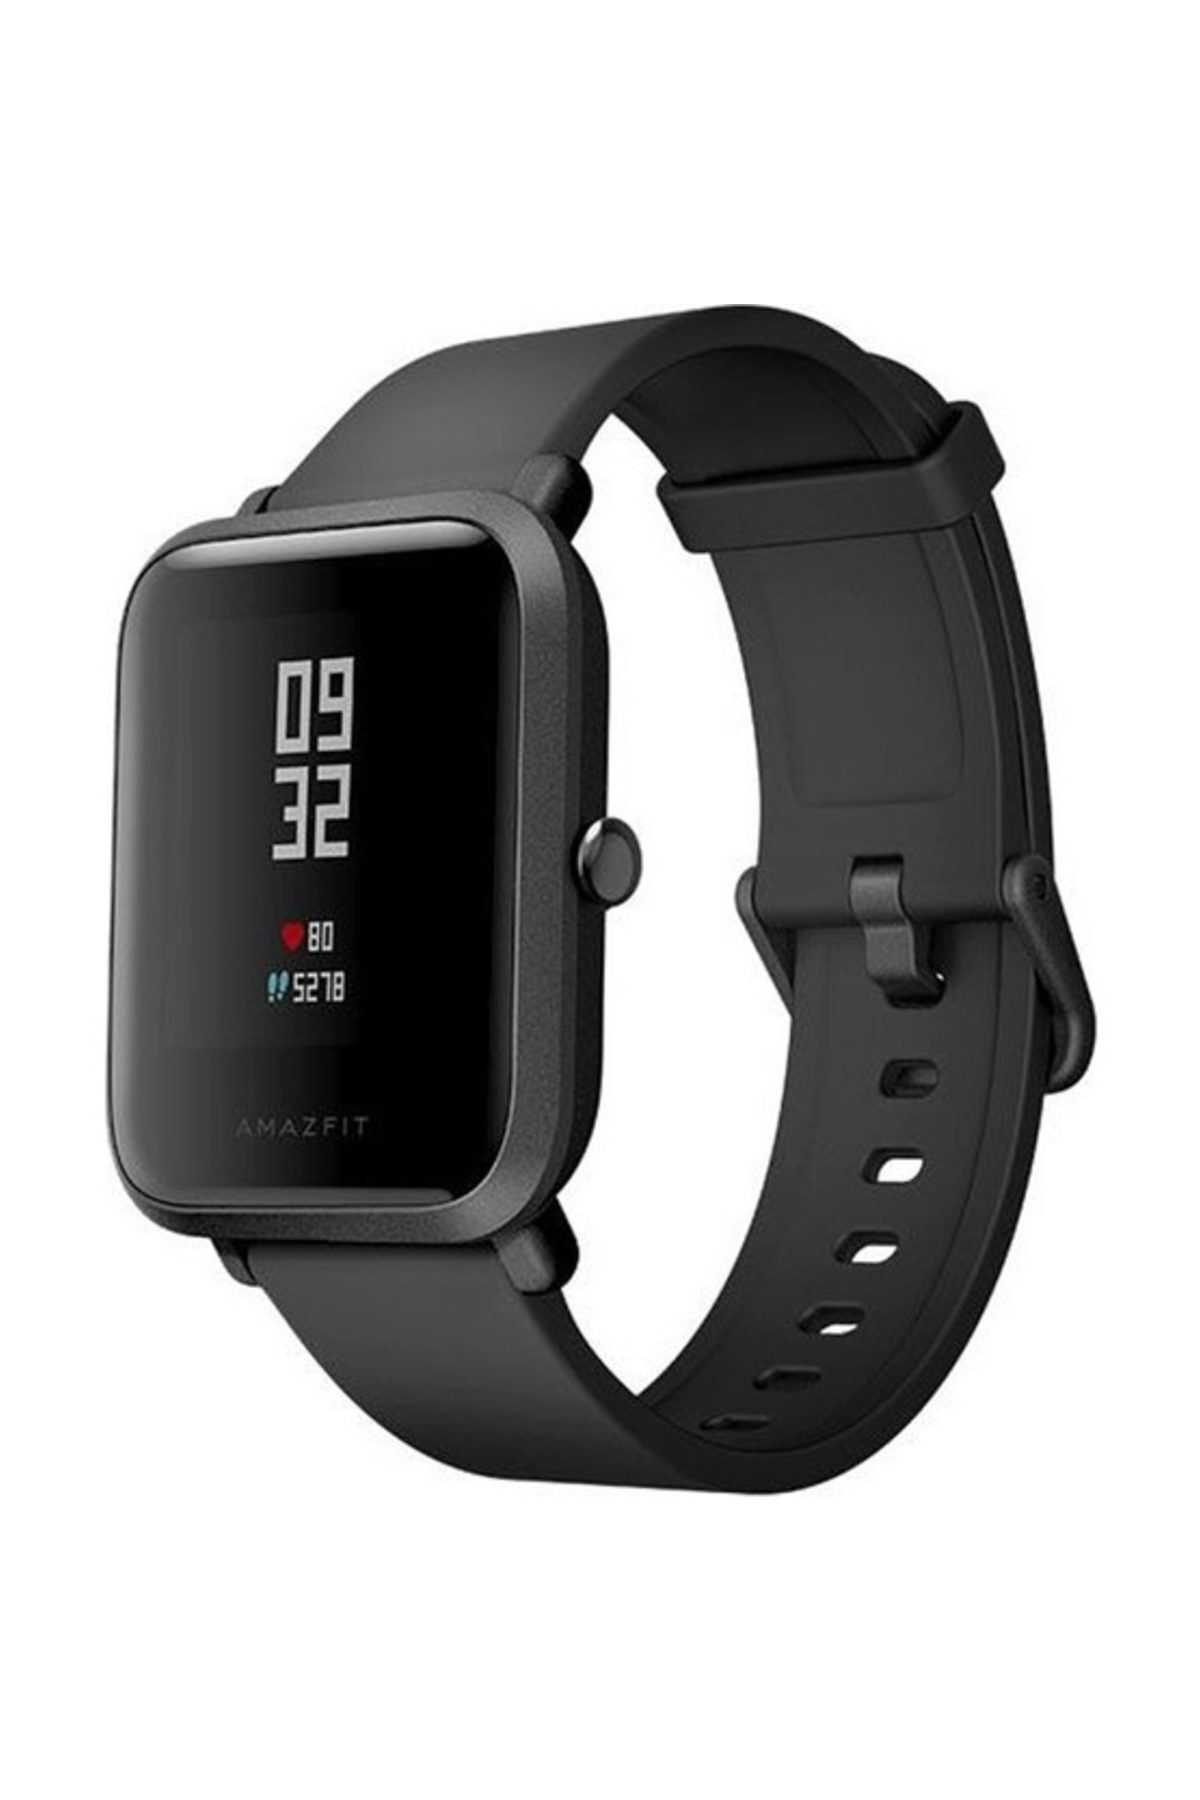 Amazfit Bip Akıllı Saat Bileklik - Türkçe Versiyon Siyah 1